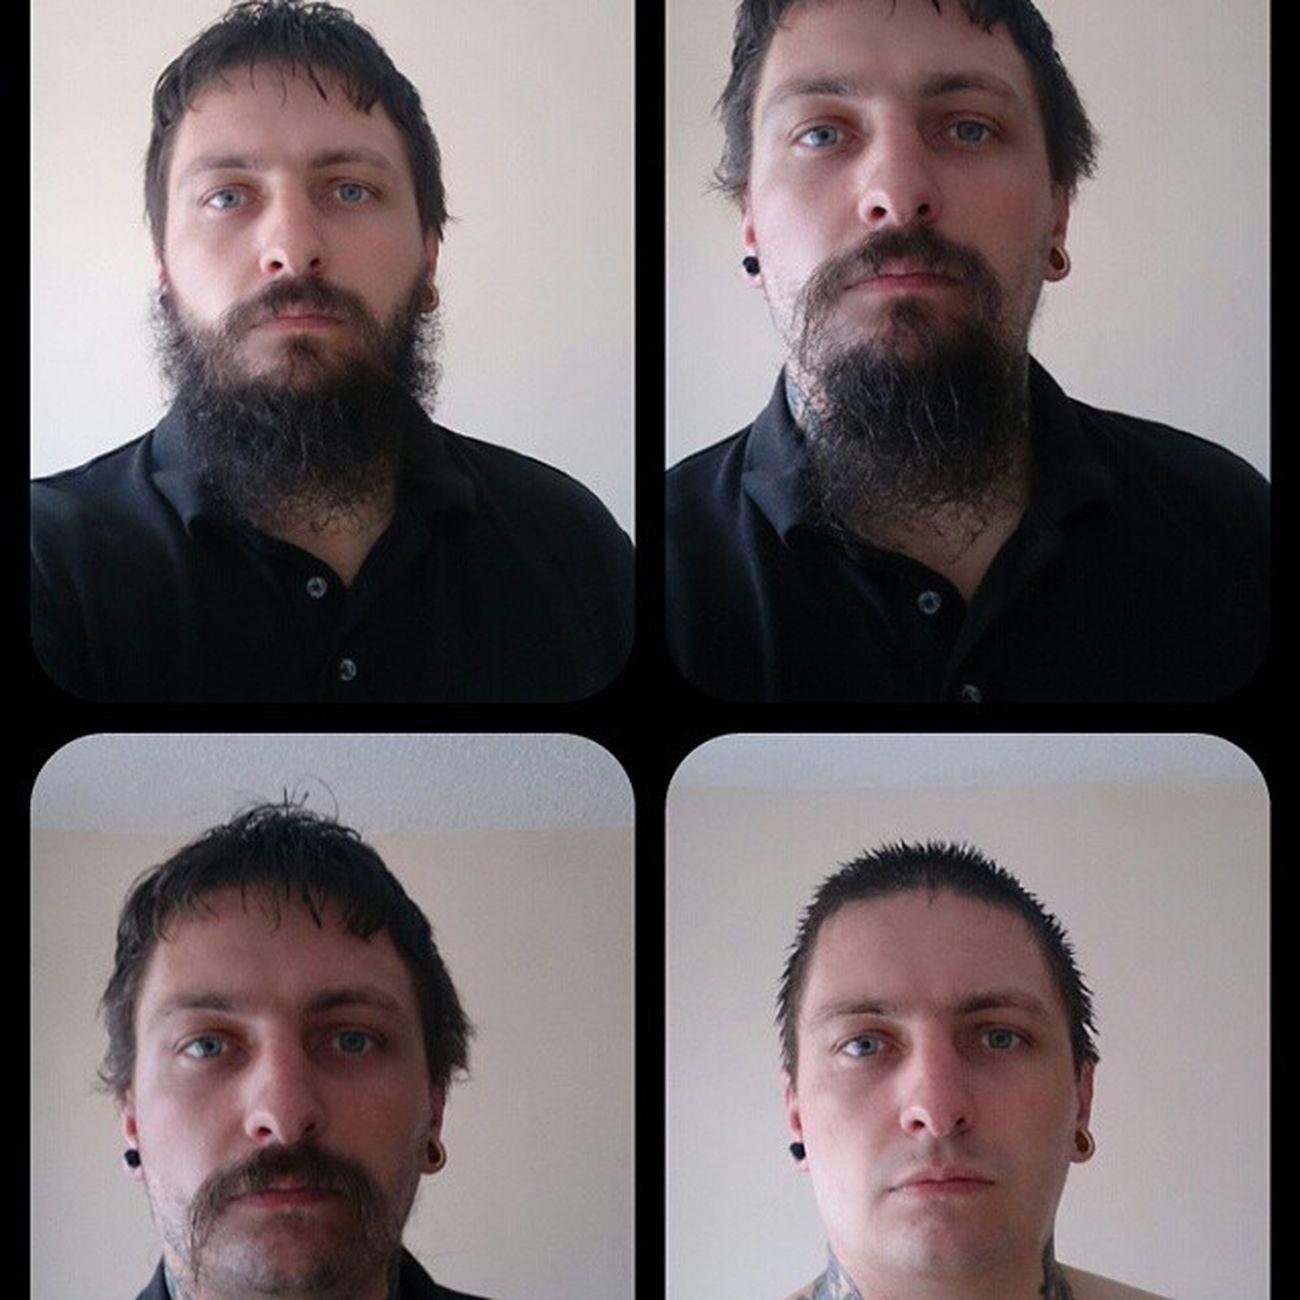 Beard Gone 10yearsyounger Growingitback whydidishave @bryce_torrance